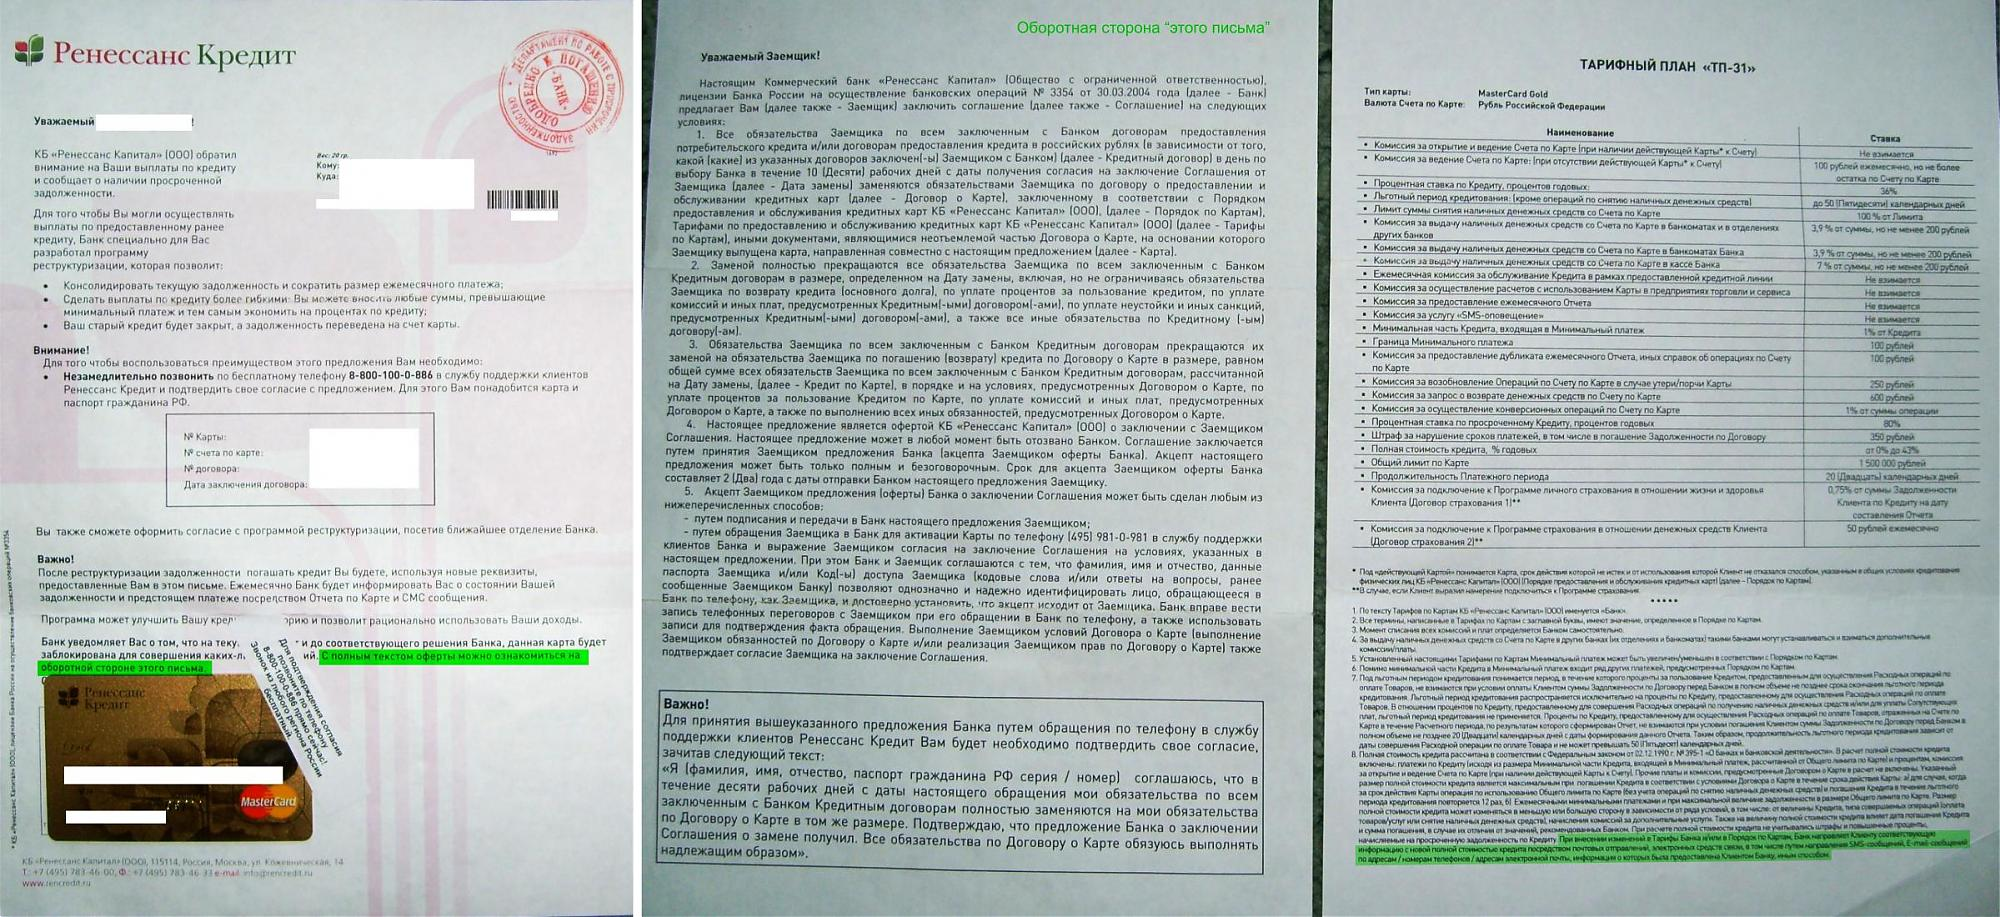 банк заключил с акционерным обществом кредитный договор